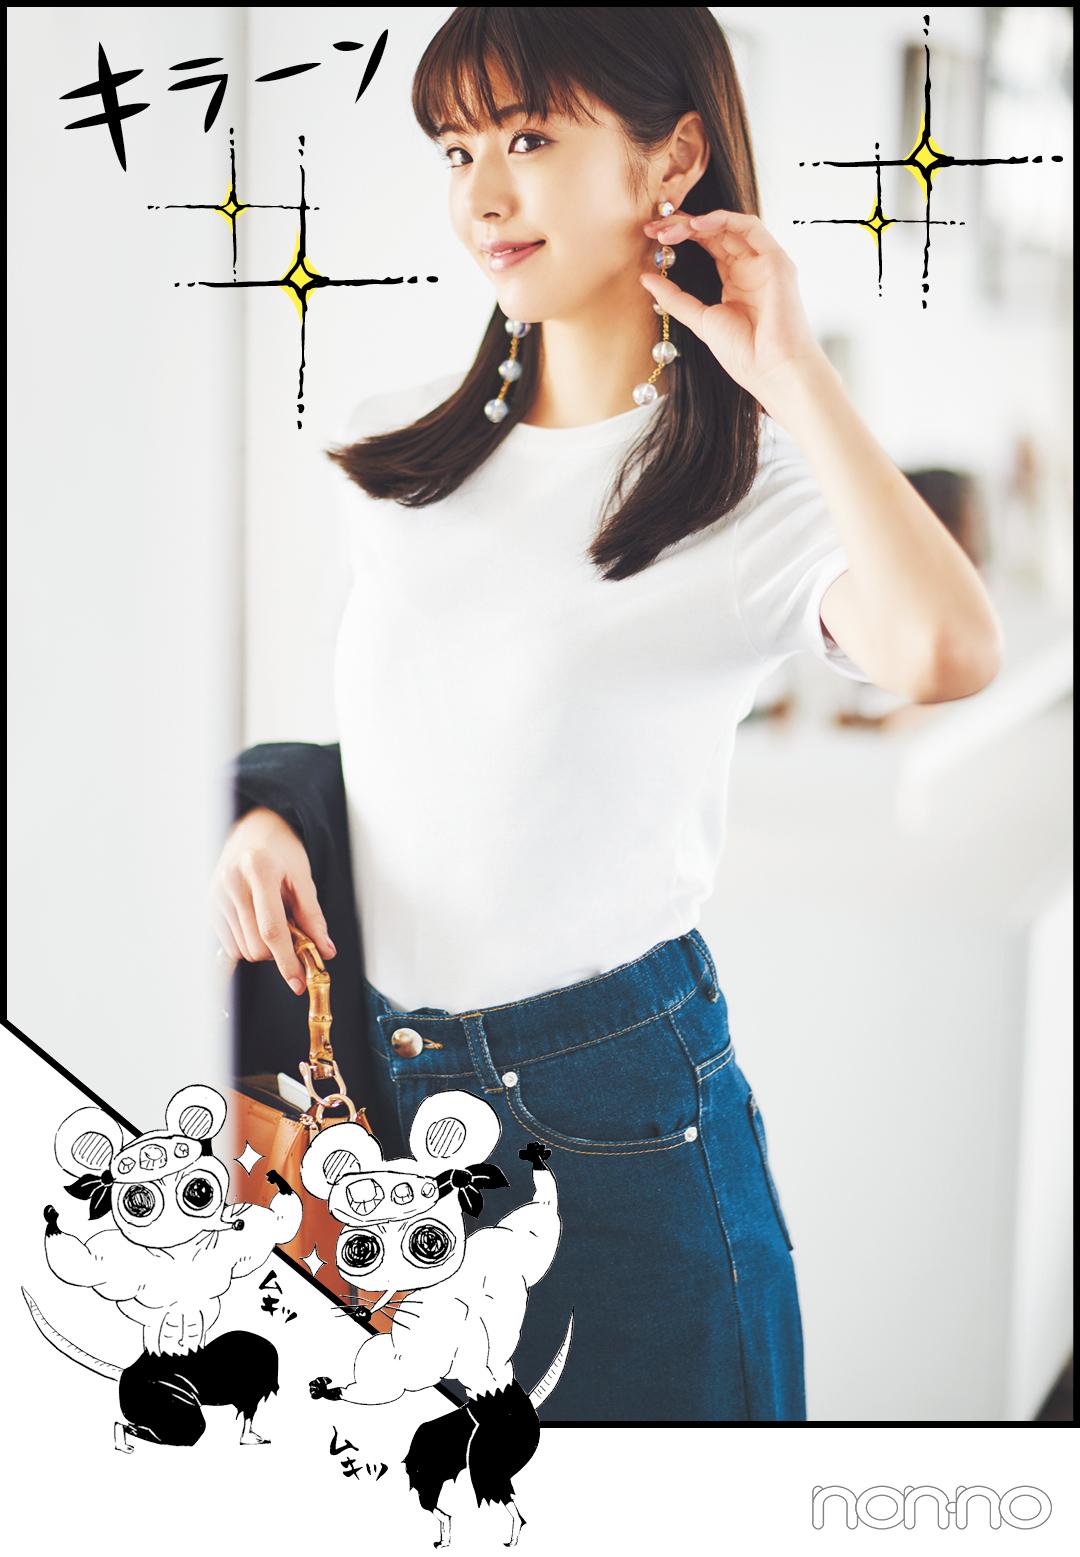 """『鬼滅の刃』愛がすぎる着回し【vol.1】 ノンノと""""鬼滅""""がスペシャルコラボ!_1_5"""